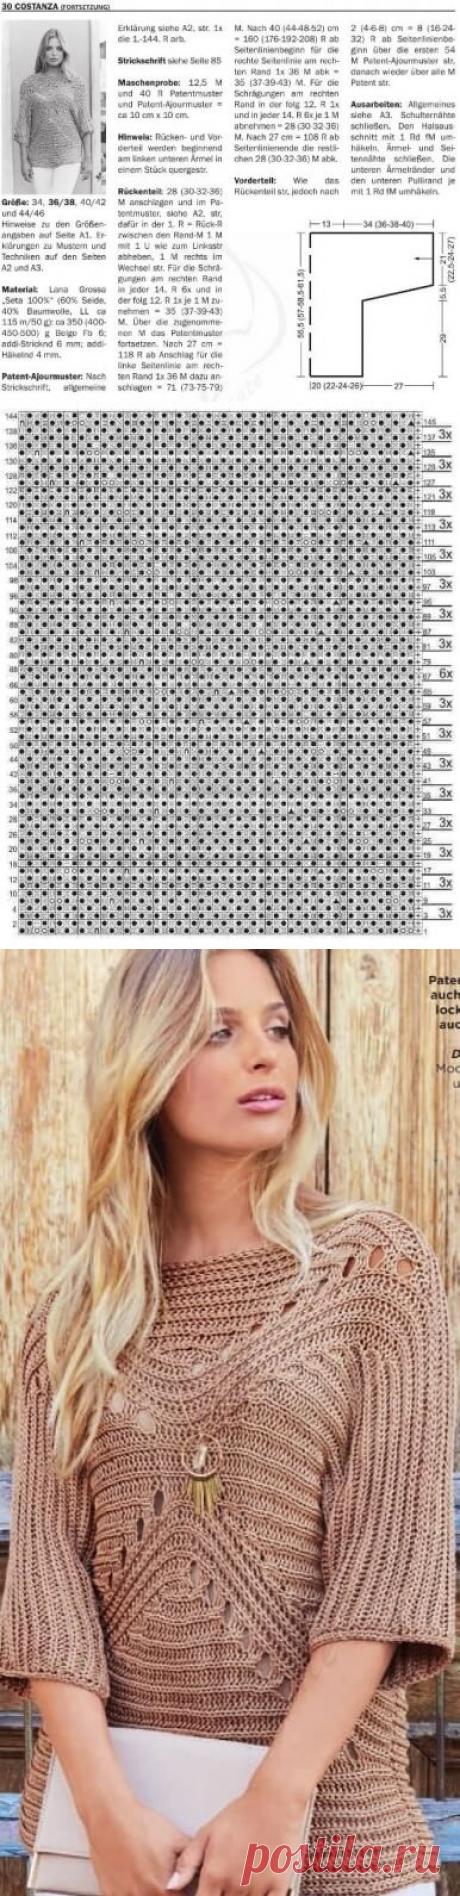 Пуловер связанный спицами резинкой в разных направлениях | Тысяча и одна идея